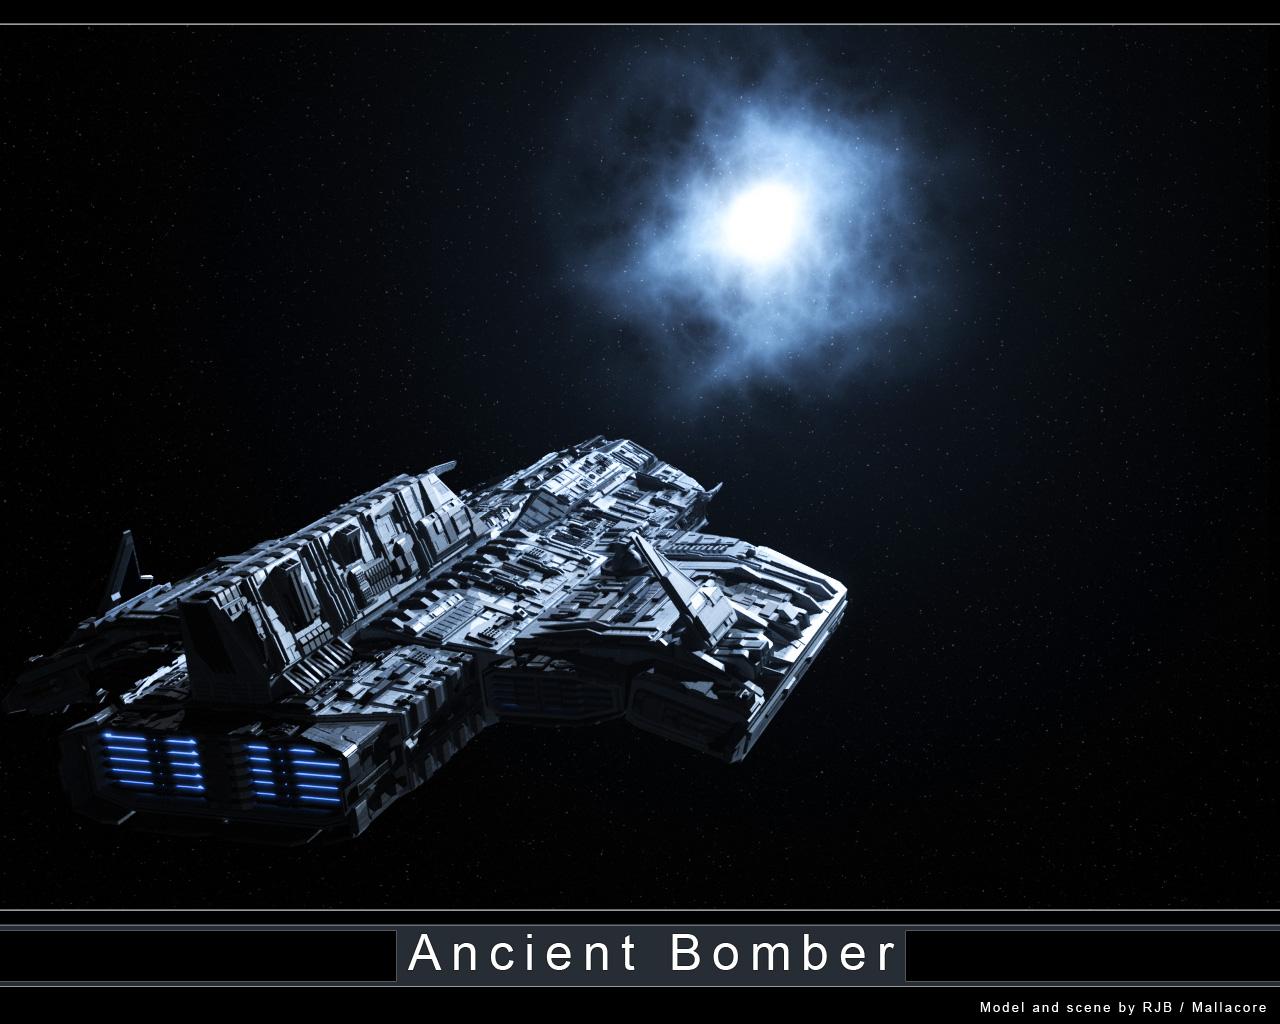 [idée acceptée ]vaisseau lantien - Page 3 Ancient_Bomber_Contest_Scene_3_by_Mallacore